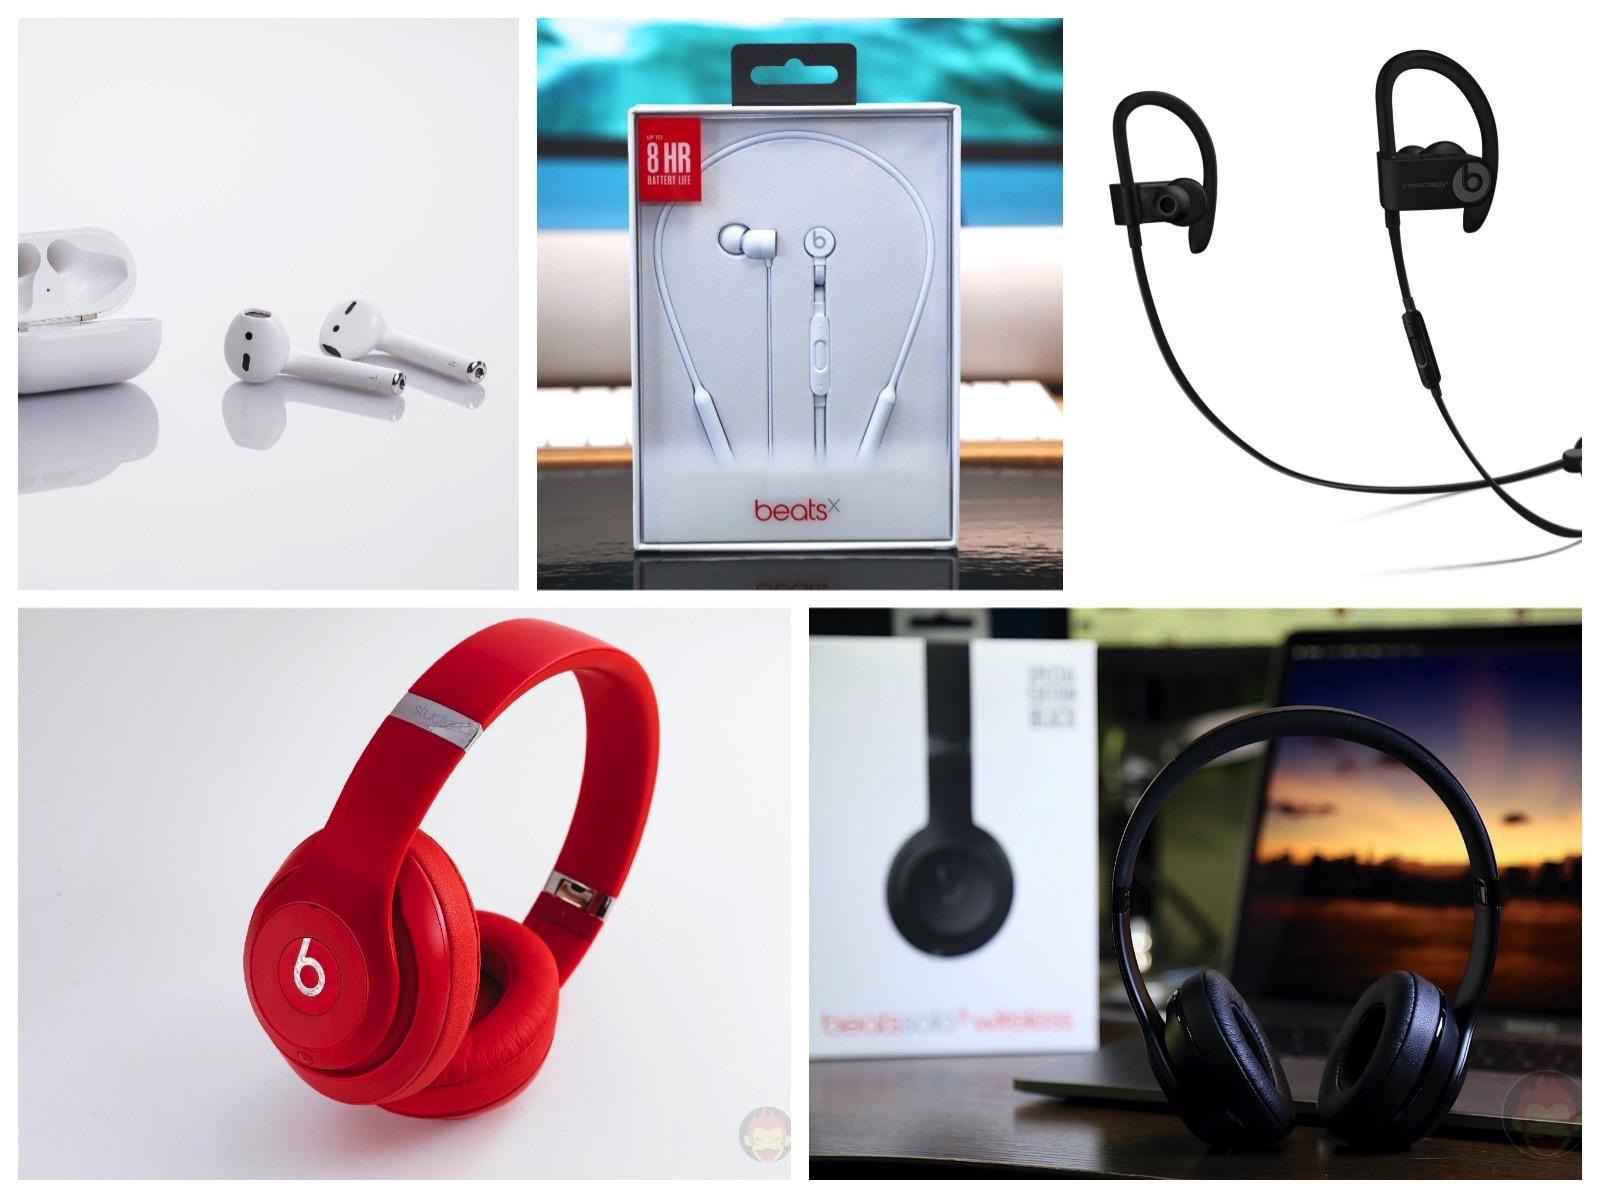 Apple Beats W1 Chip Headphones Earphones 2